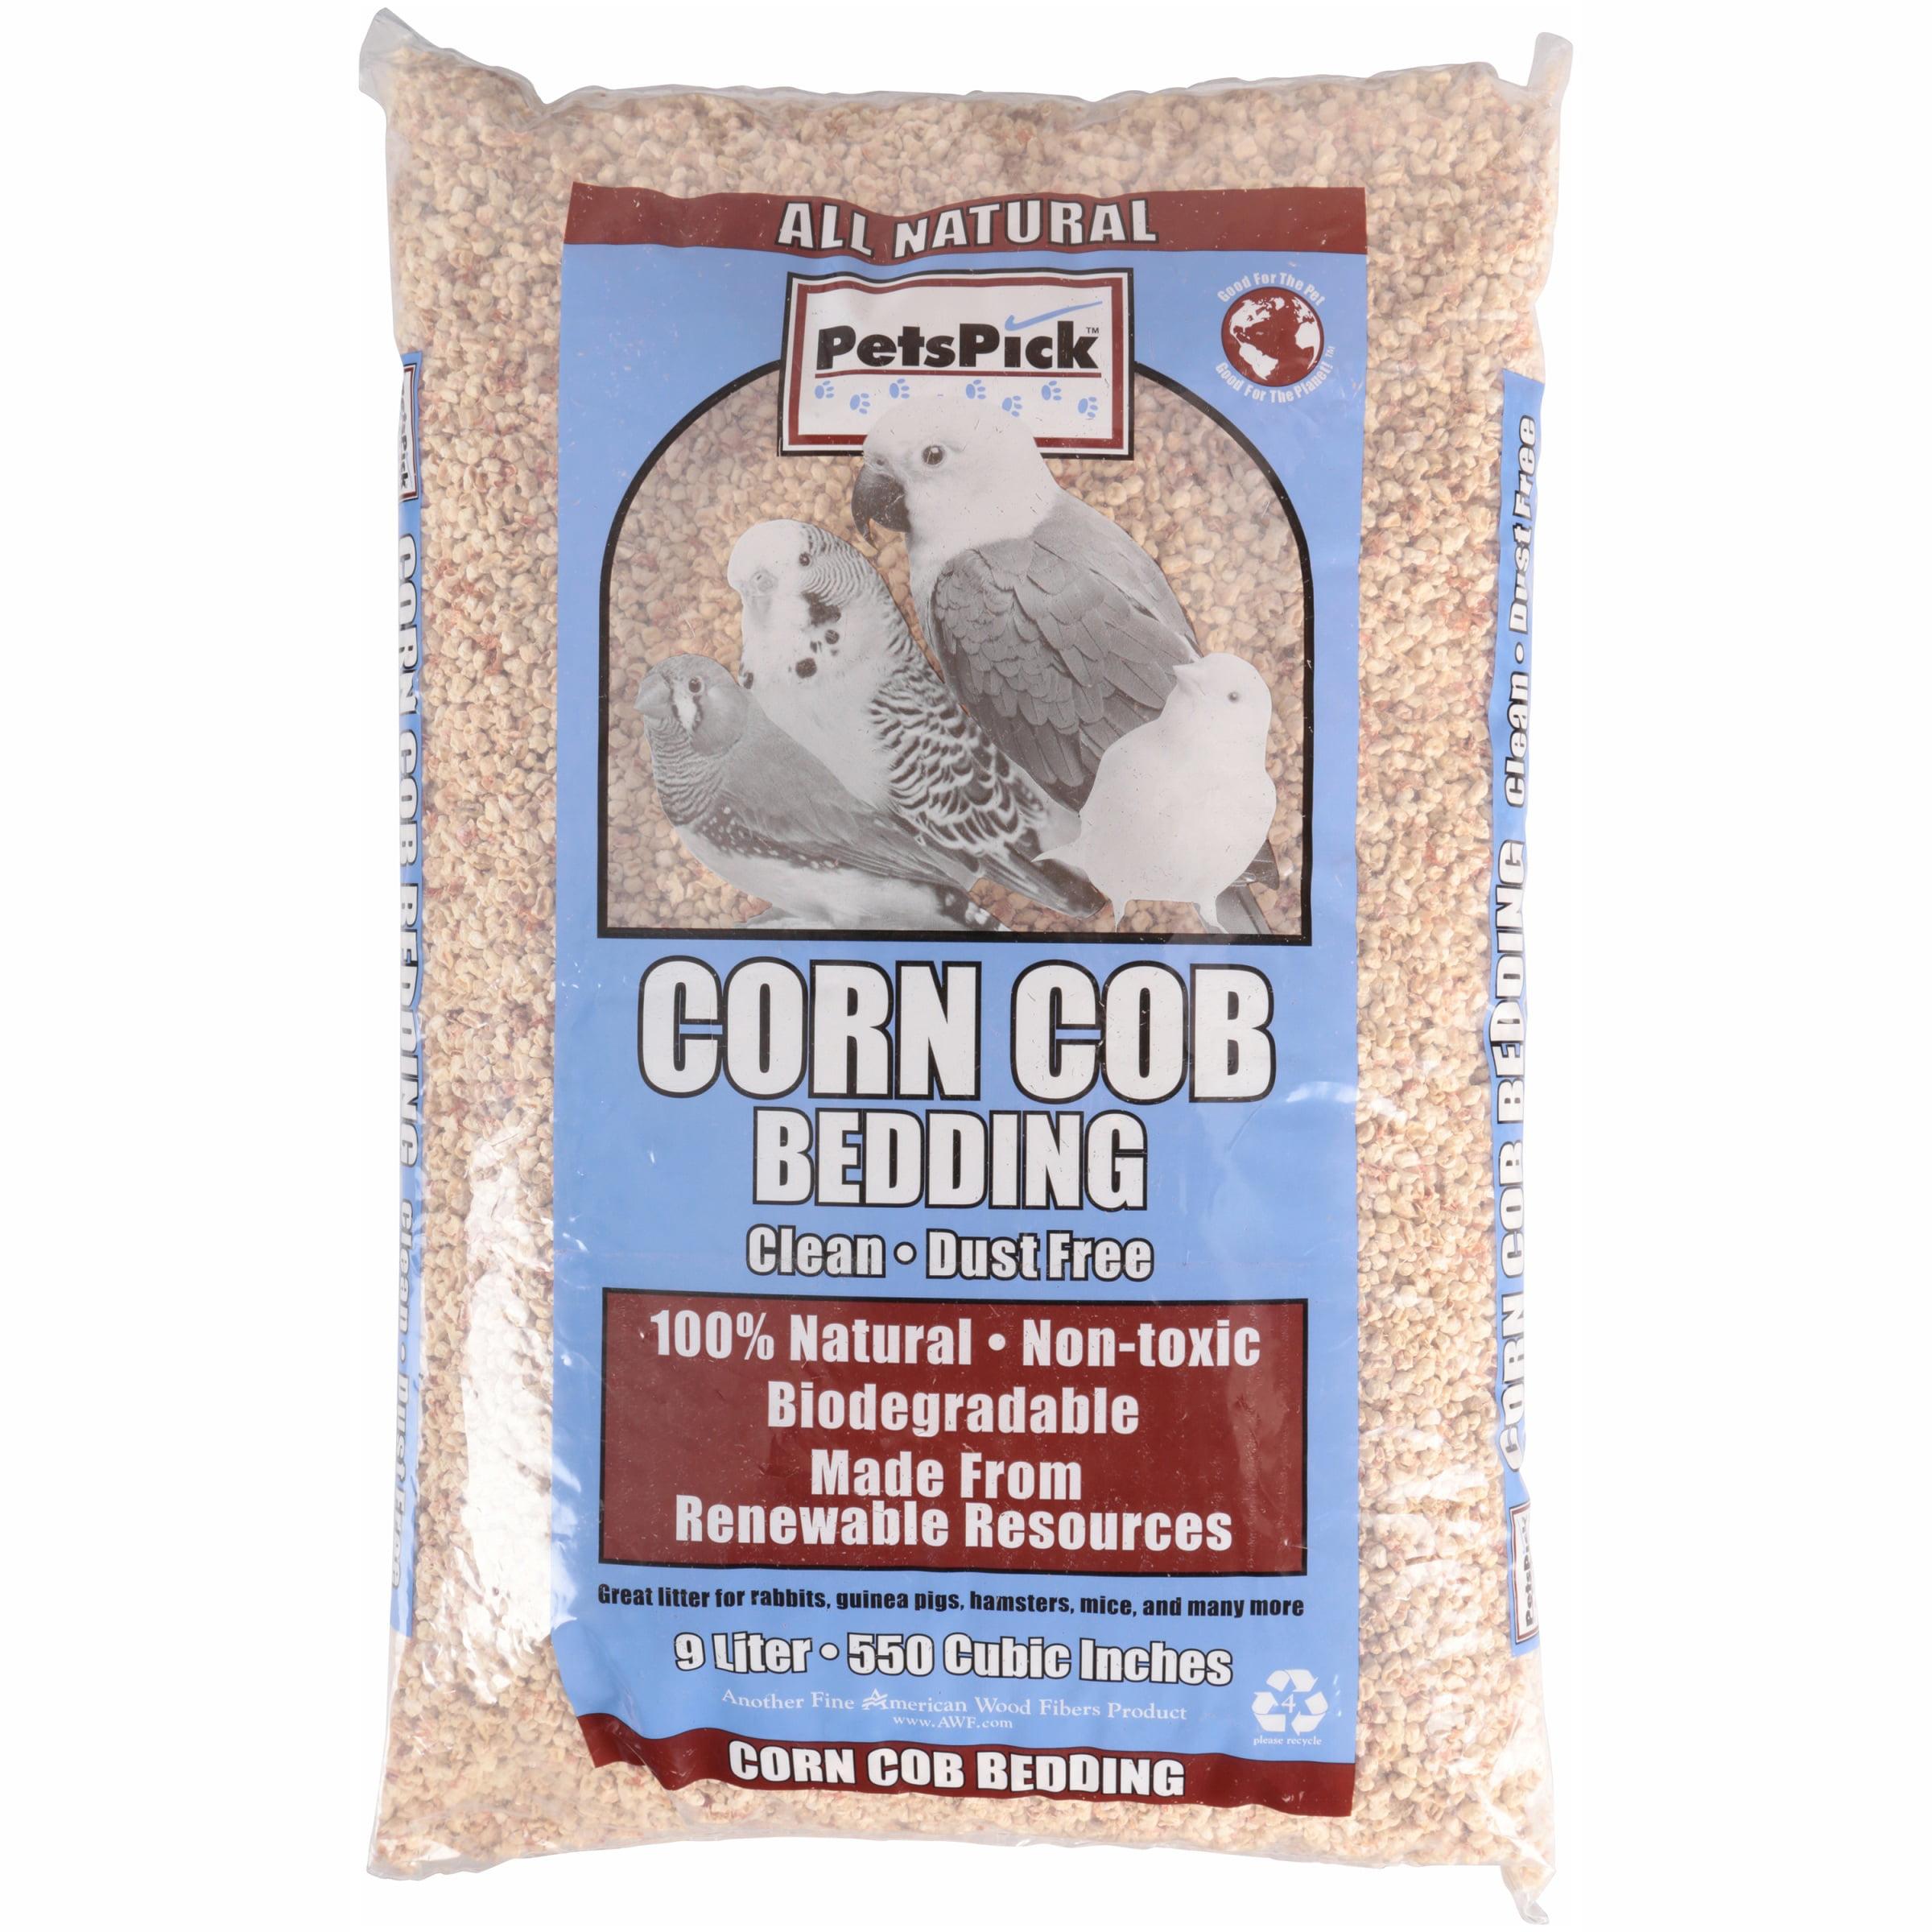 Pet's Pick Corn Cob Bedding, 9 l